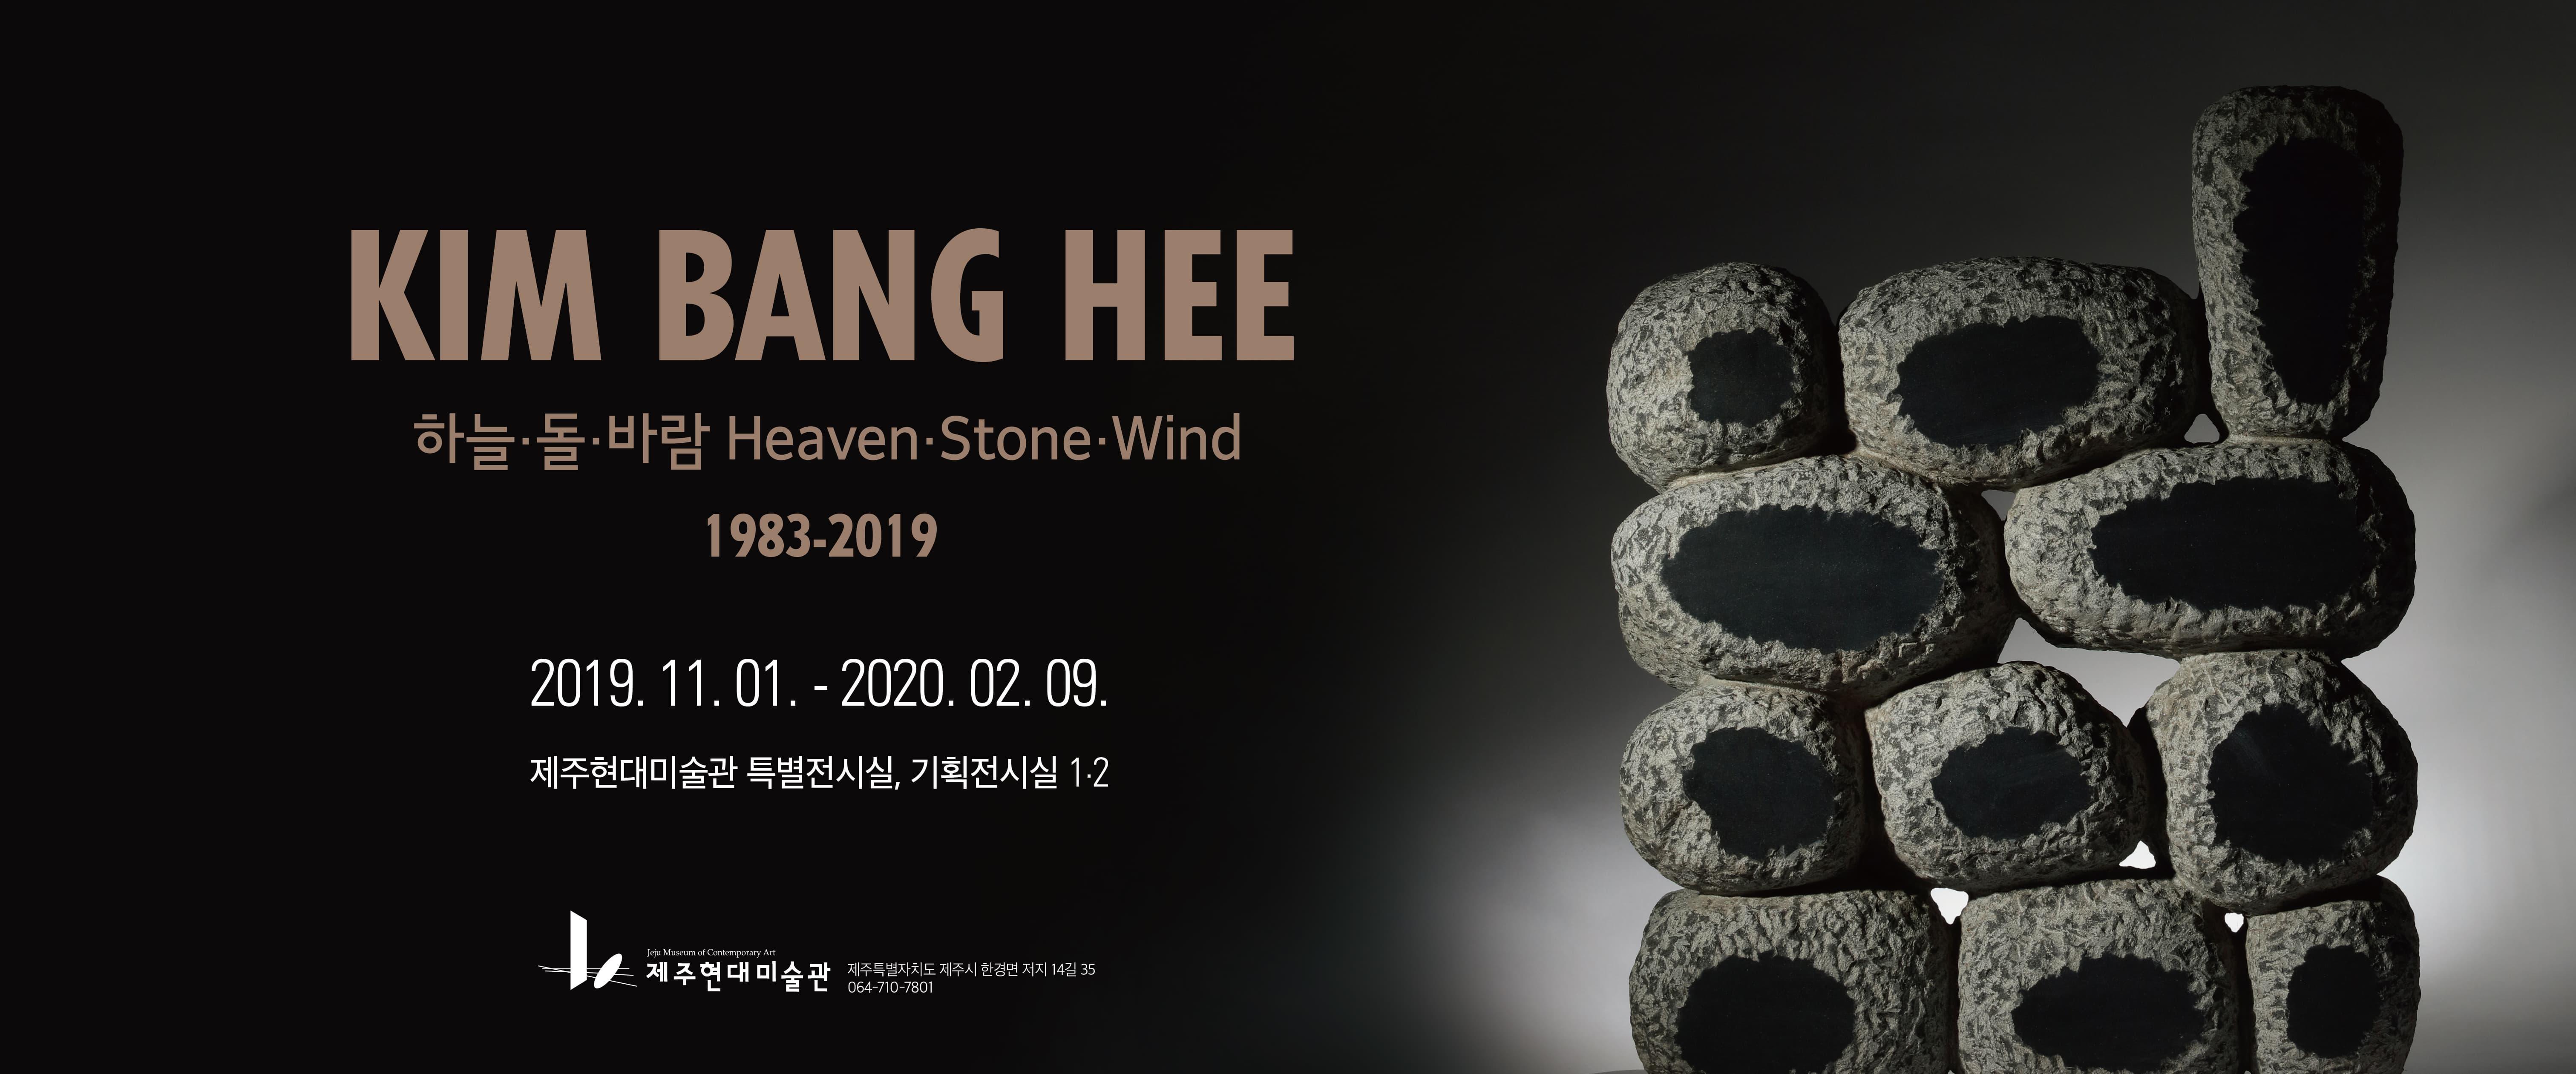 김방희 조각전 1983-2019 하늘·돌·바람진행중